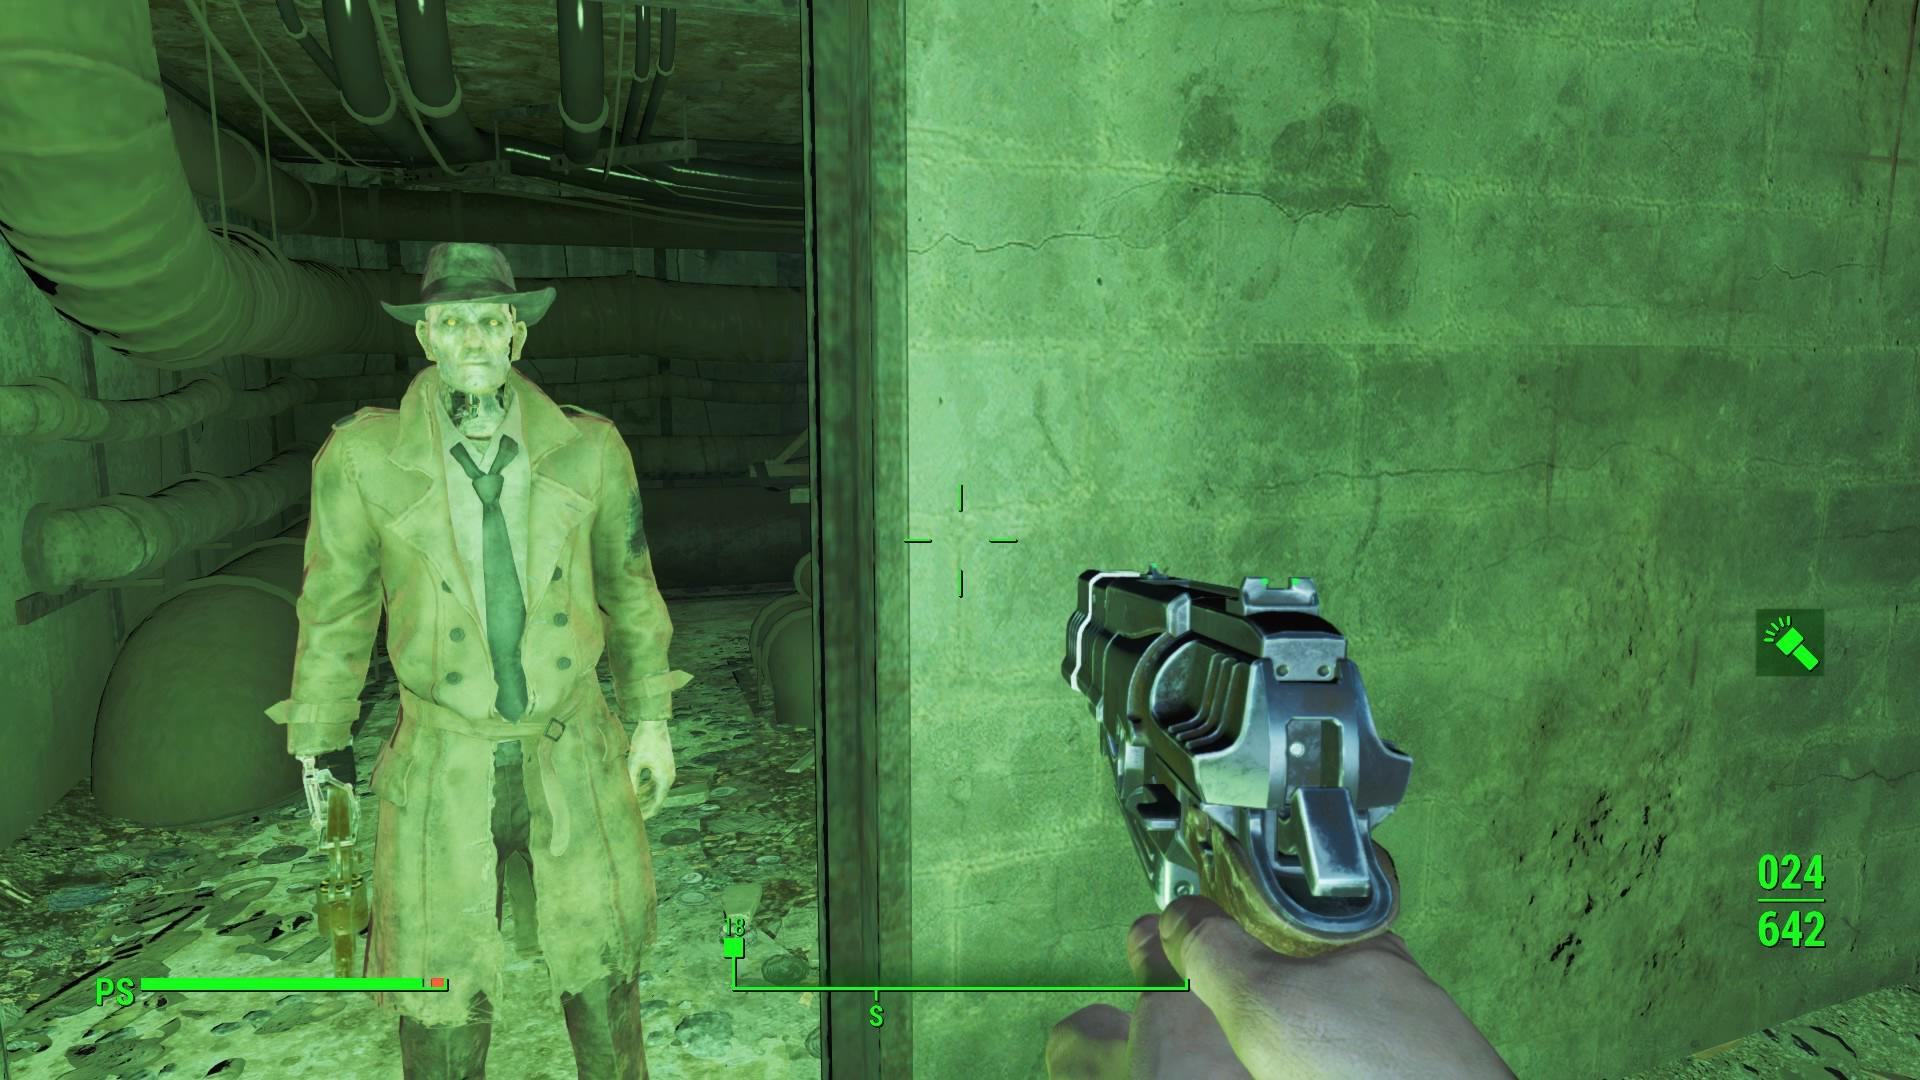 Recensione Fallout 4 Ita